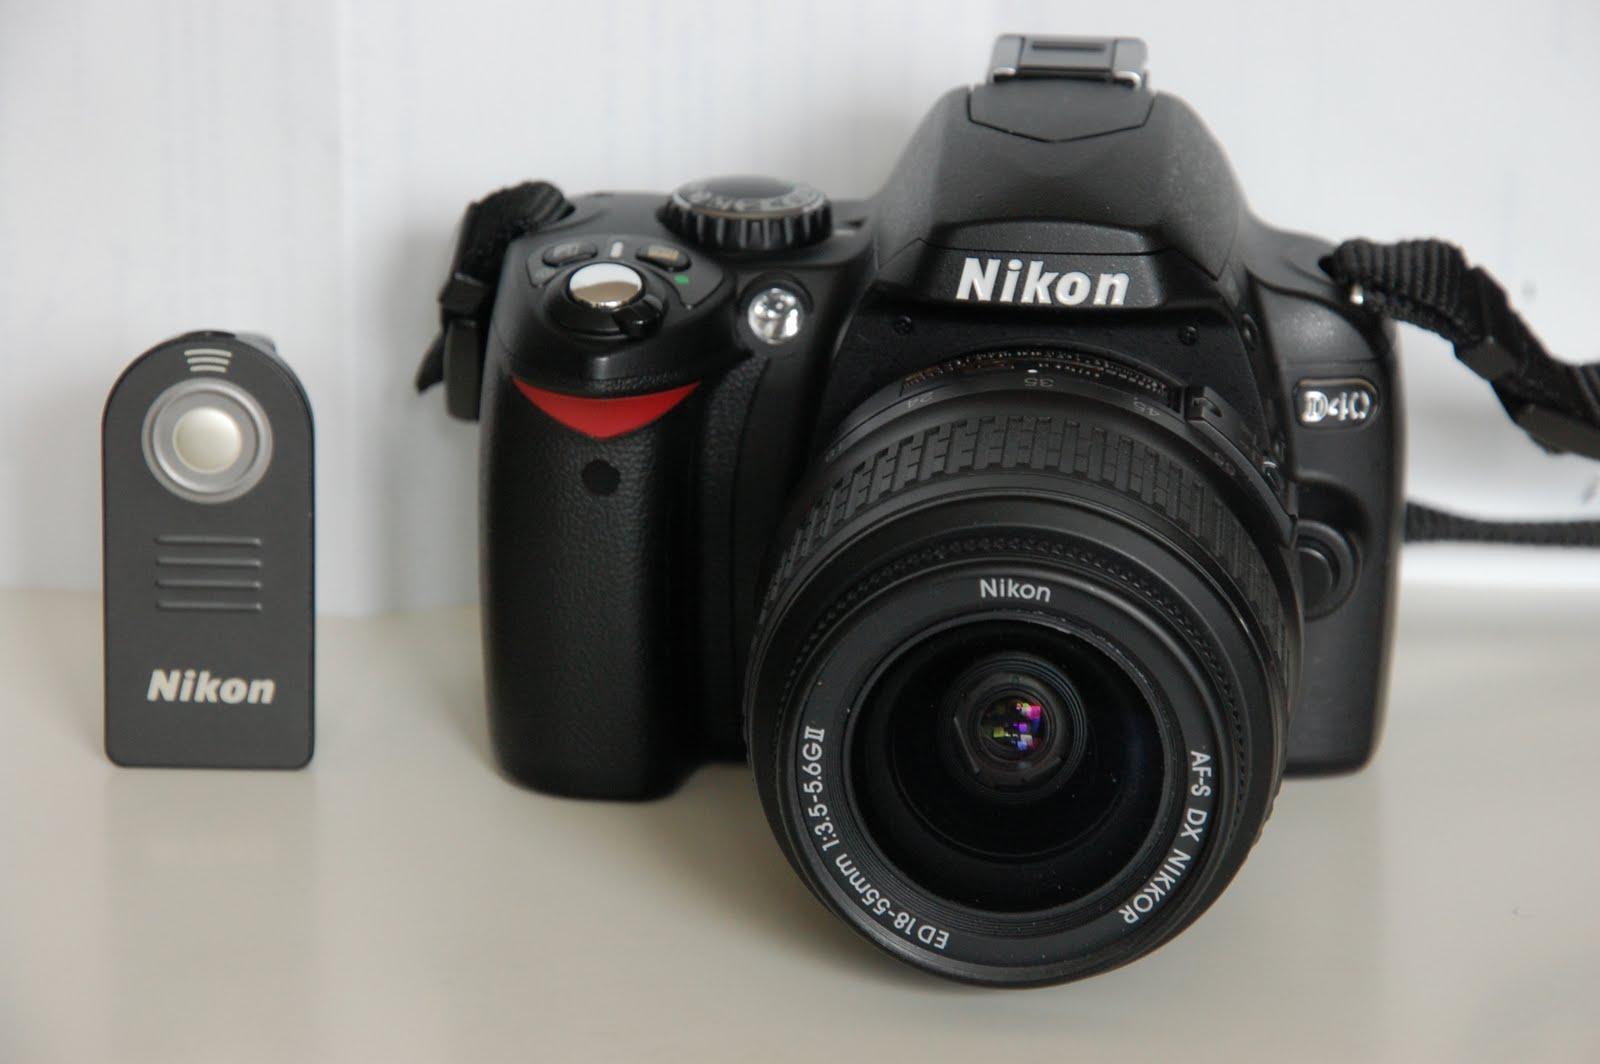 nikon d40 tips using the nikon ml l3 with the nikon d40 dslr rh nikond40tips blogspot com Nikon D40 UsedPrice Nikon D40 Diagram